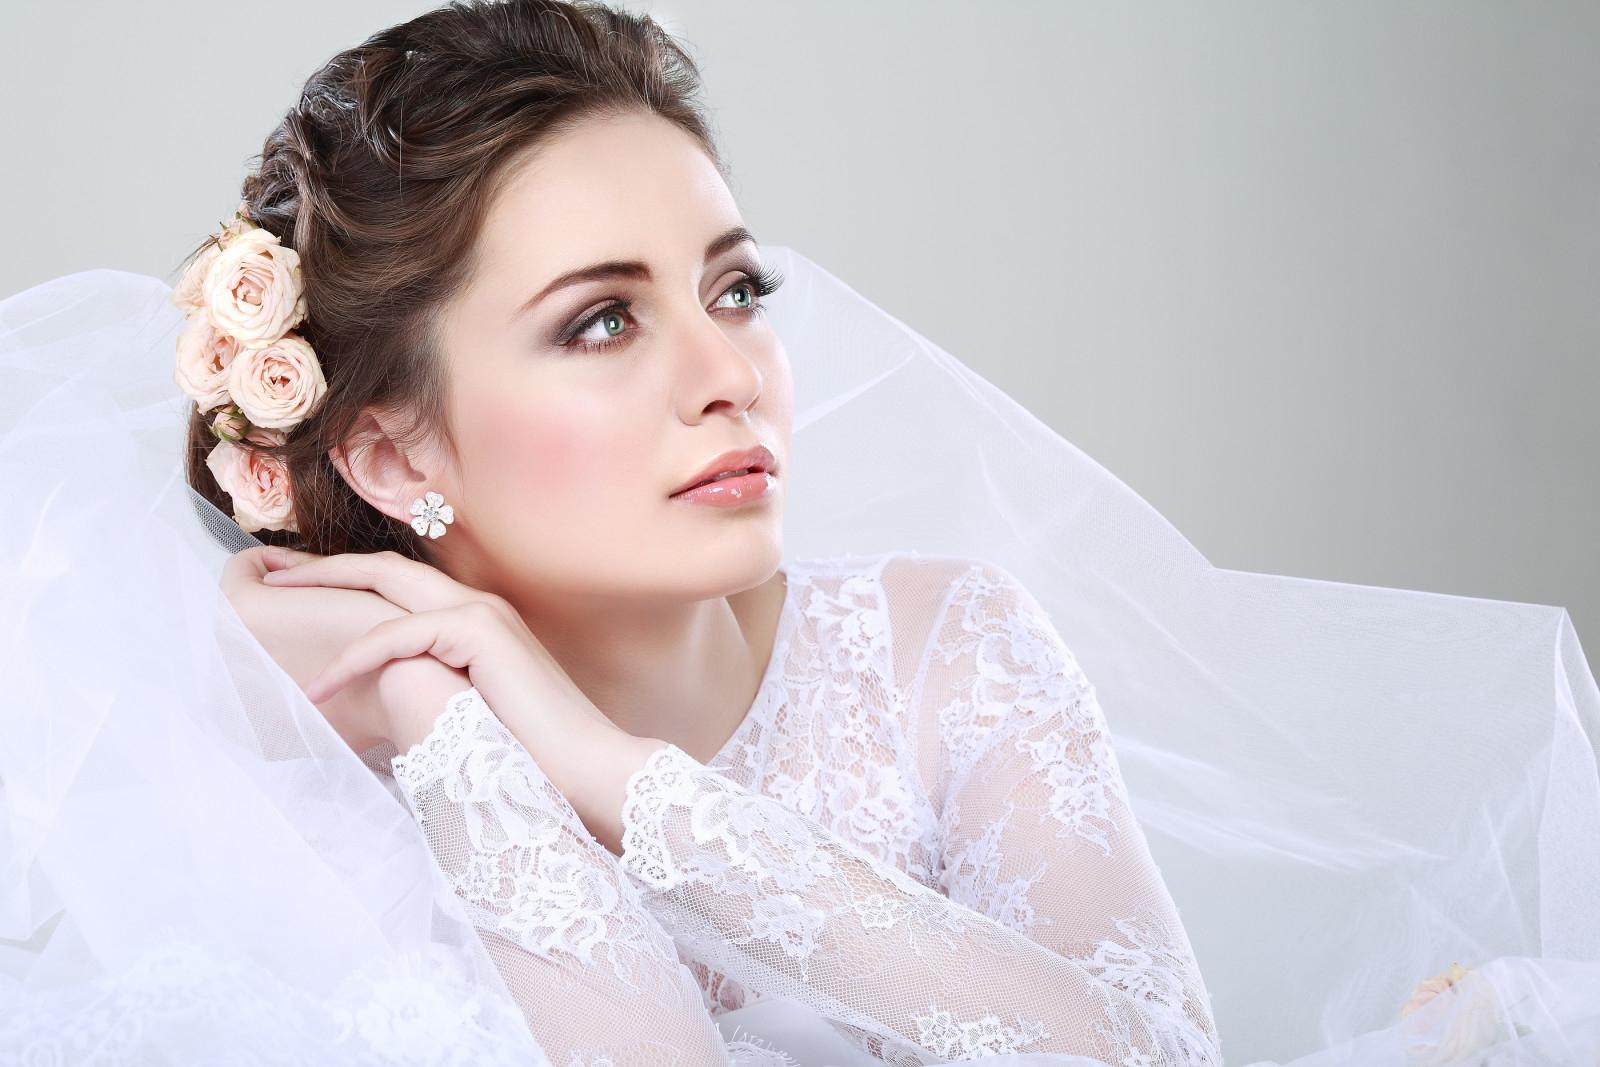 Dicas para fazer a escolha perfeita de acordo com o estilo da noiva